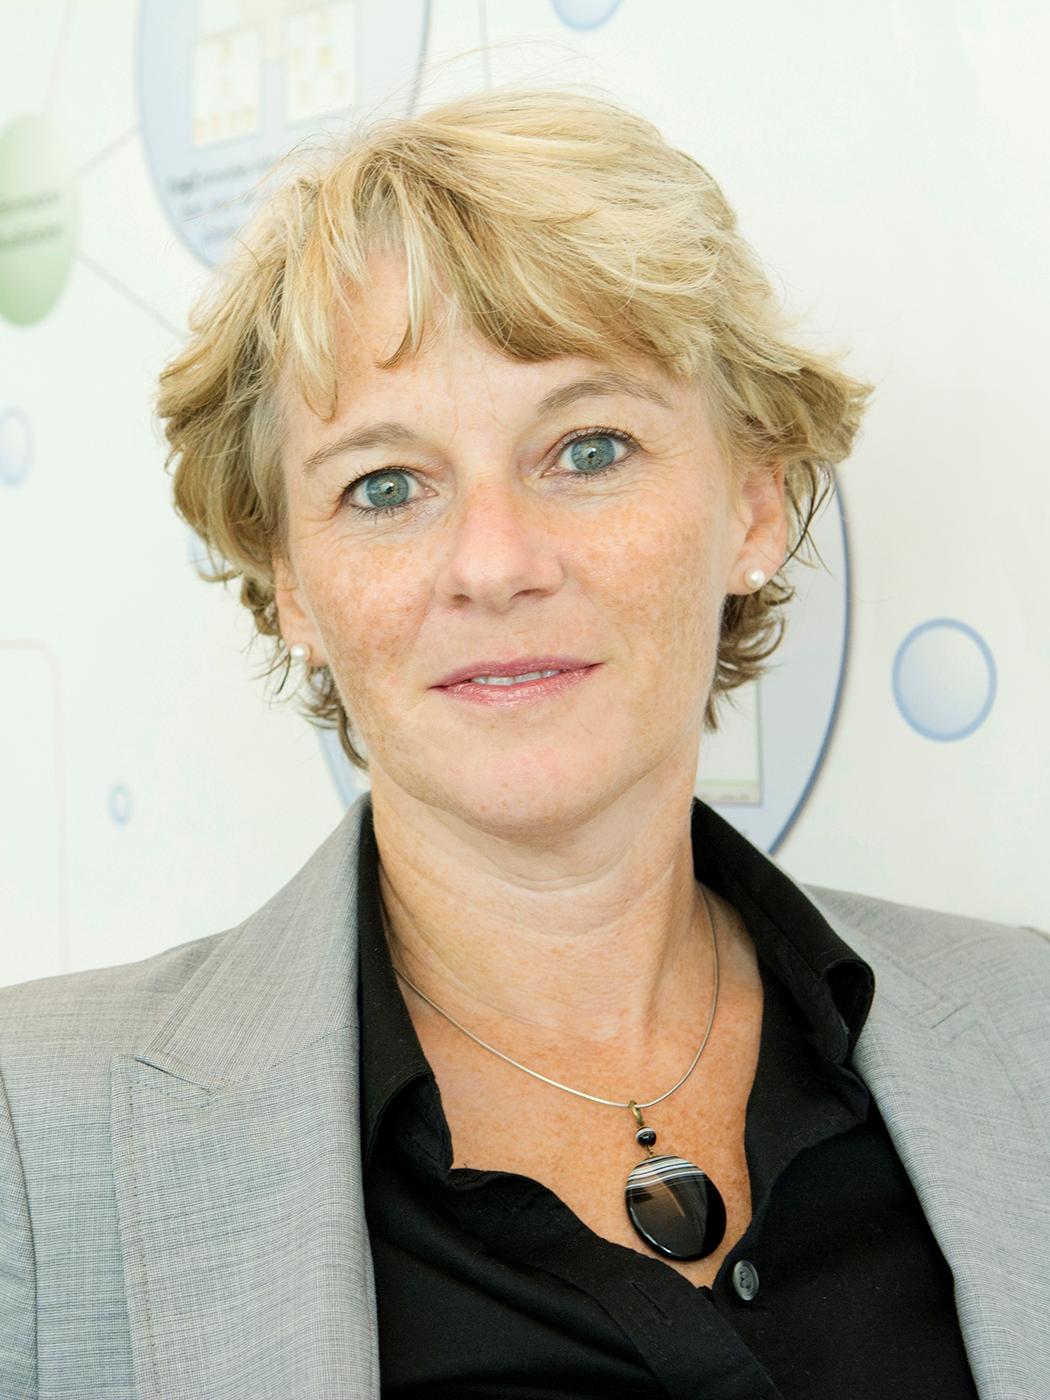 Margaret-Anne Storey